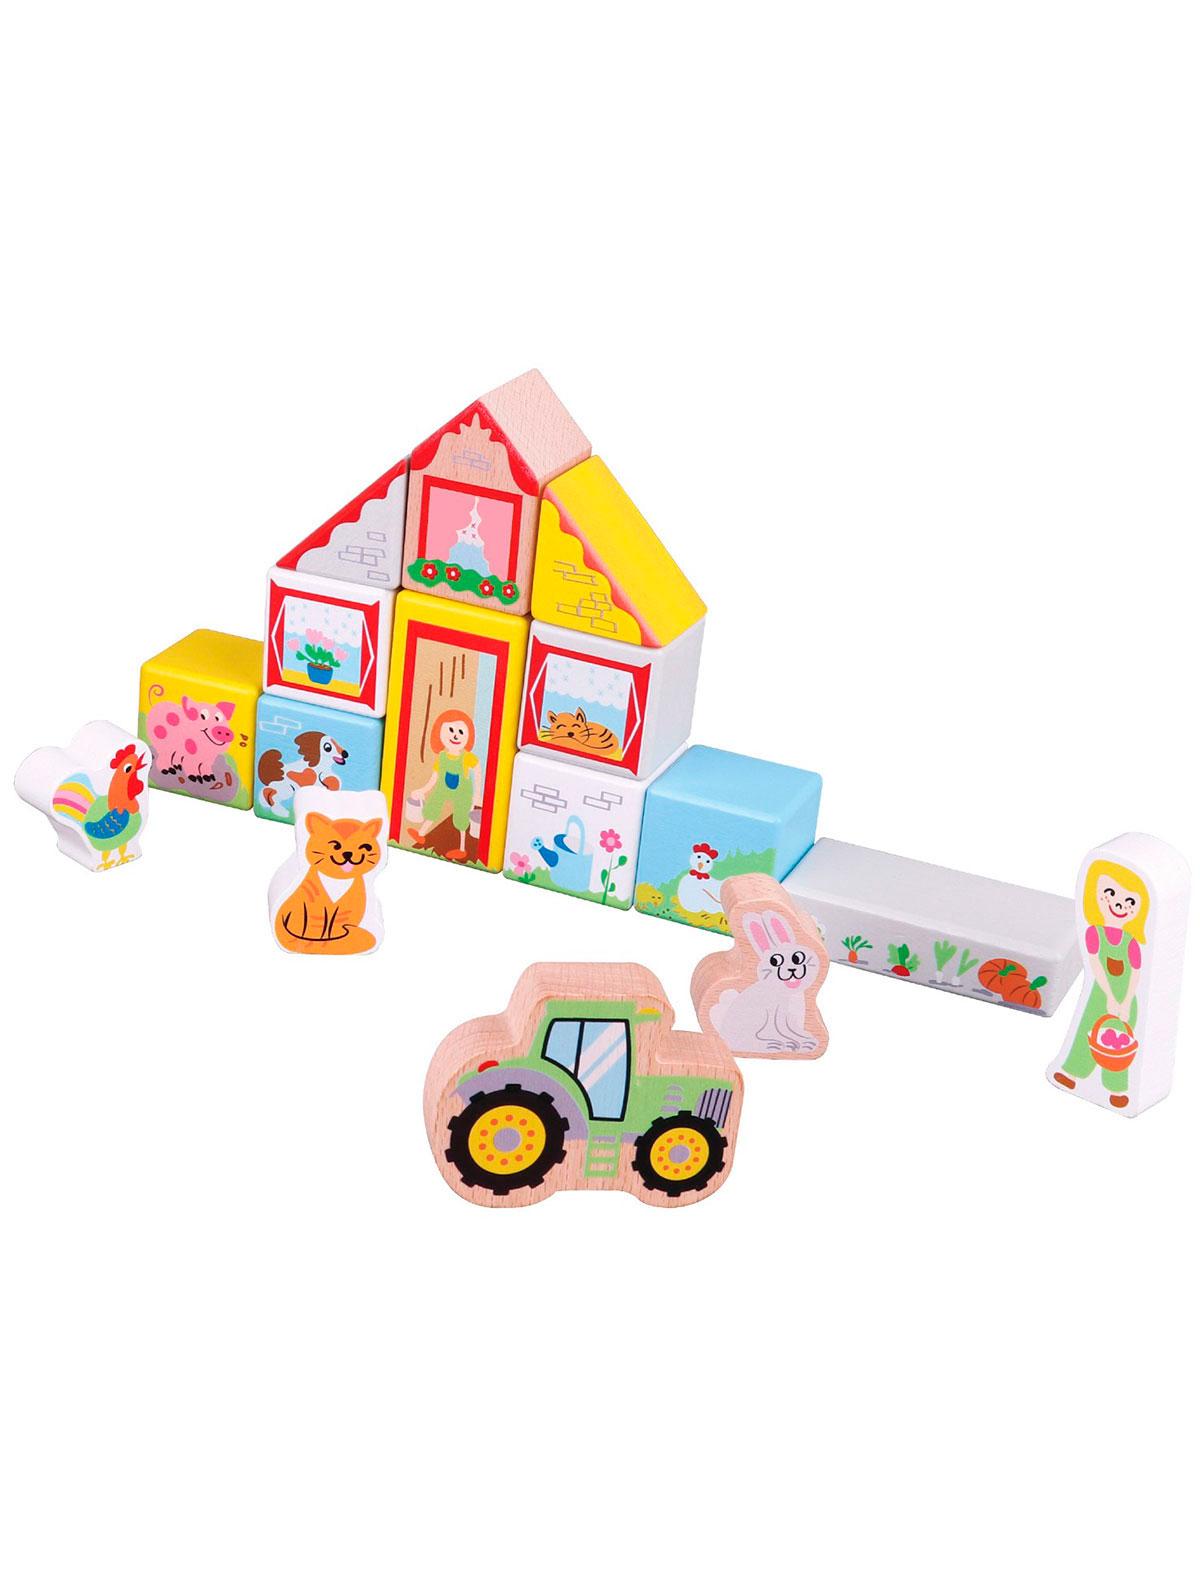 Купить 2259660, Игрушка New Classic Toys, разноцветный, 7134529082063